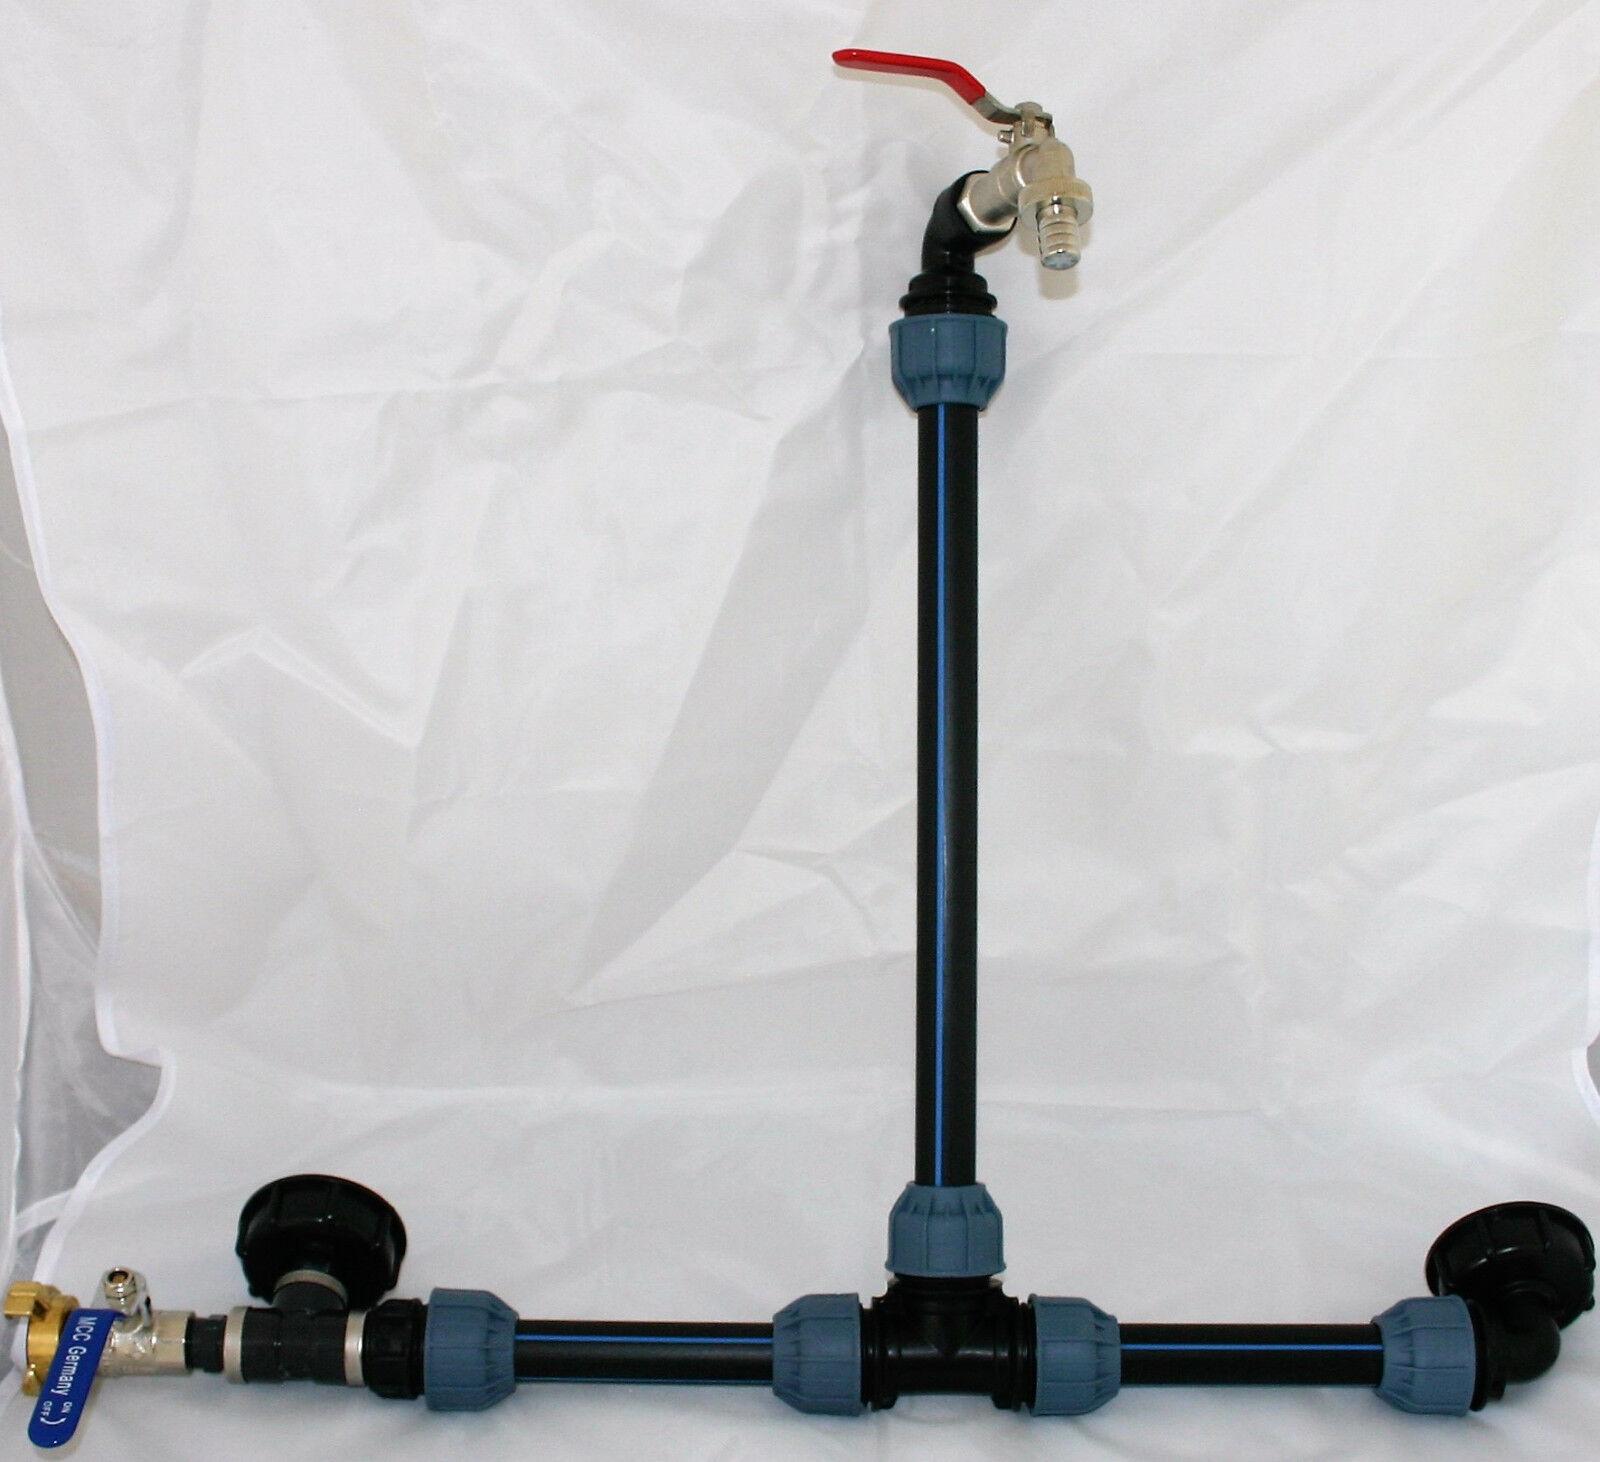 IBC S60x6 Verbindungset für 2 2 2 Wassertanks incl. Schwanenhals 65c03c